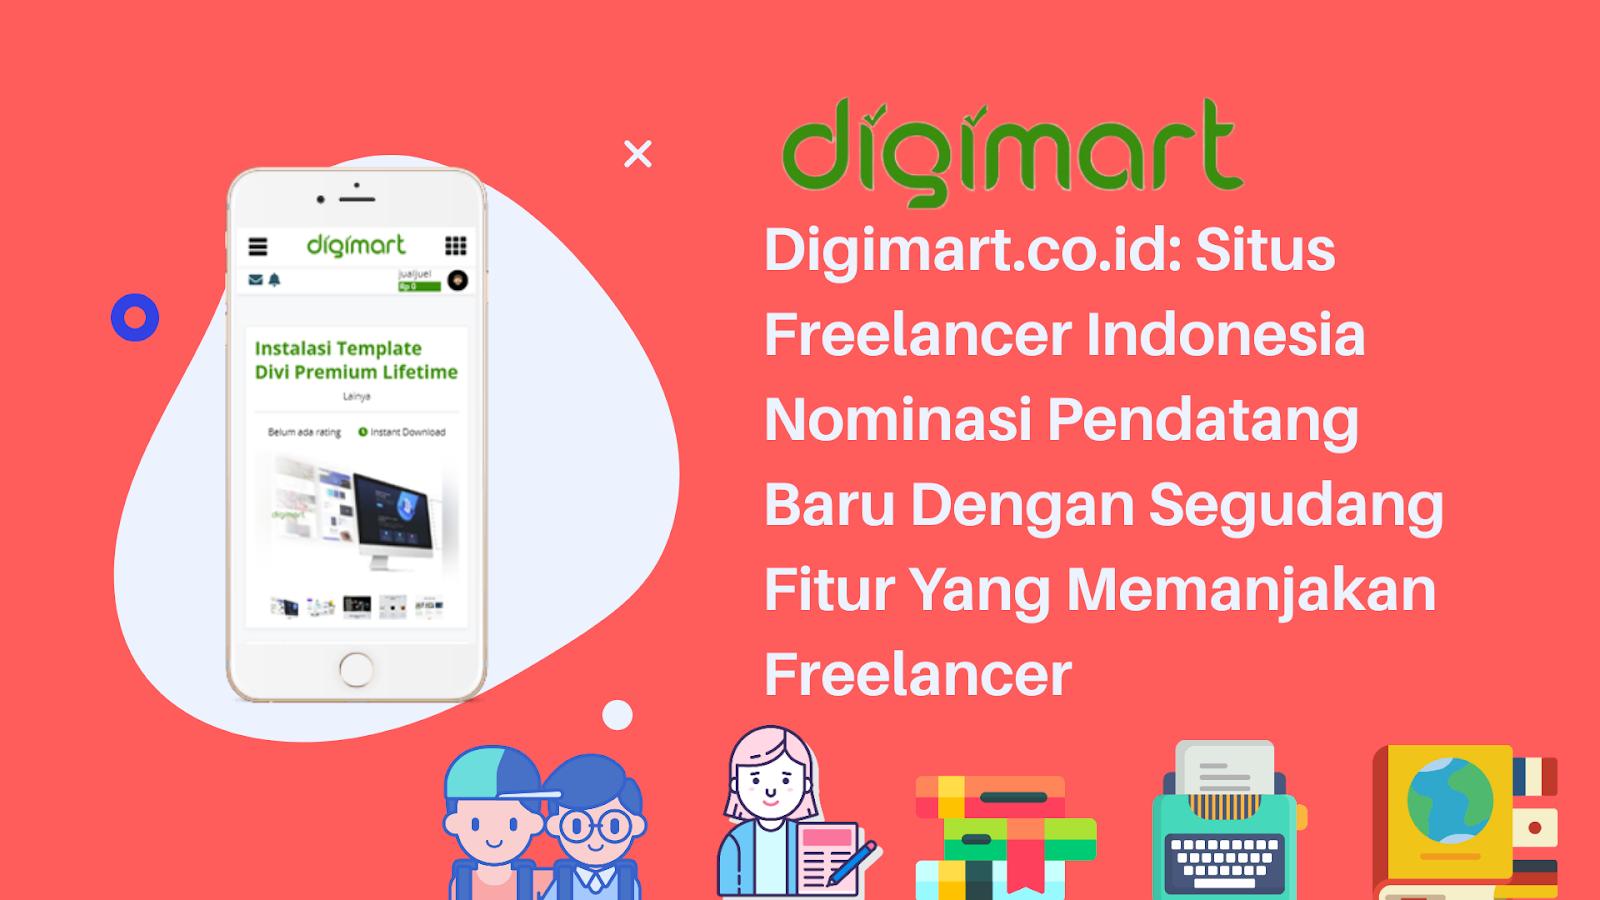 Digimart.co.id: Situs Freelancer Indonesia Nominasi Pendatang Baru Dengan Segudang Fitur Yang Memanjakan Freelancer